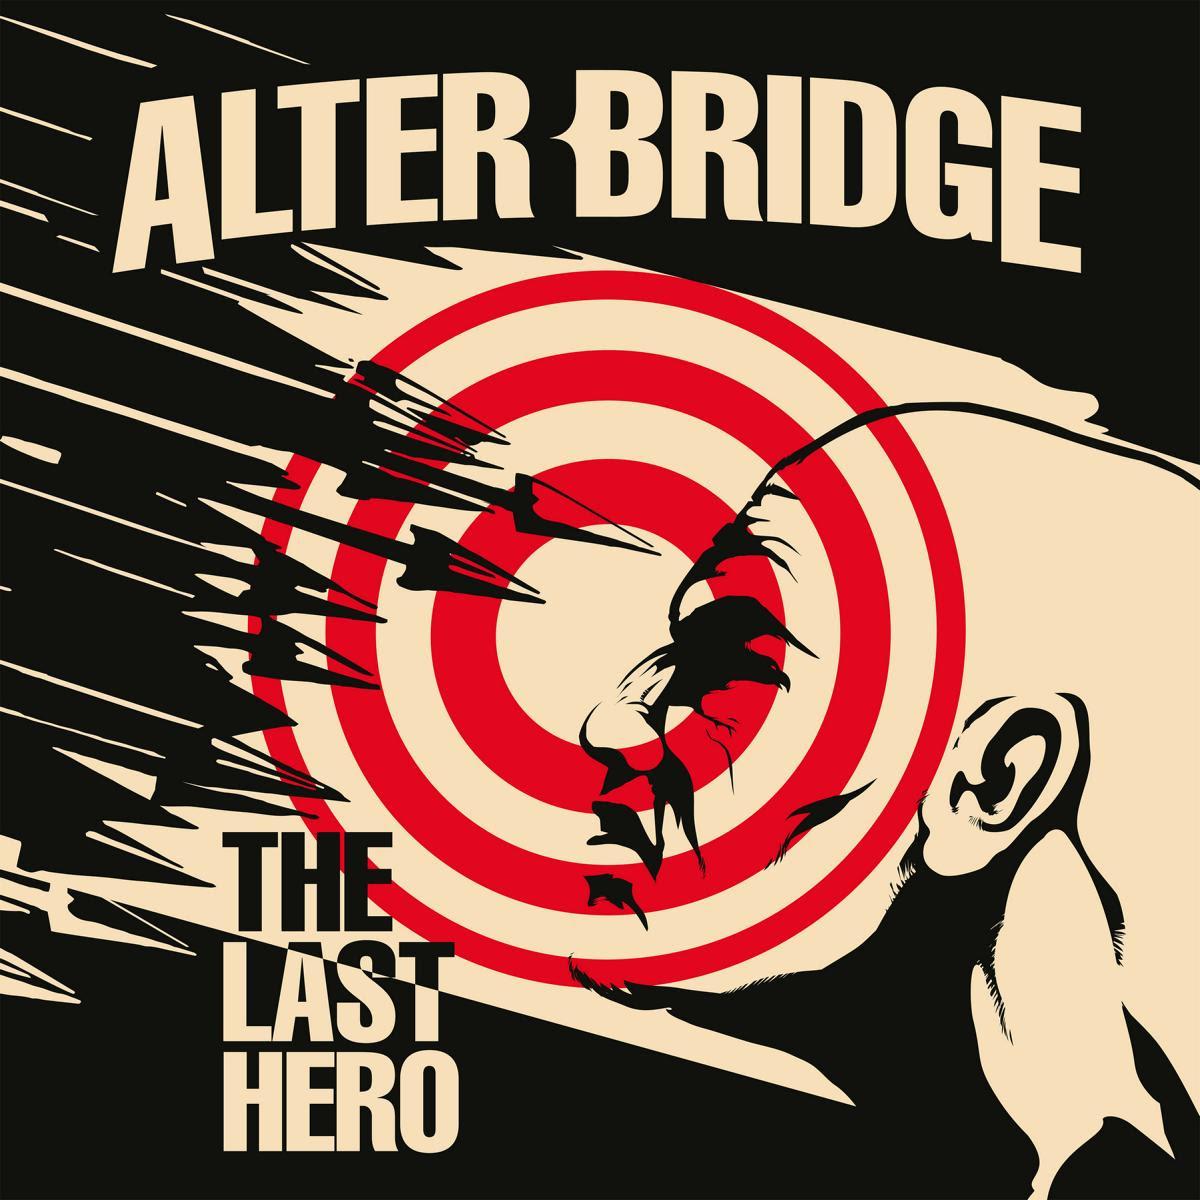 alter-bridge-the-last-hero-album-cover-logo